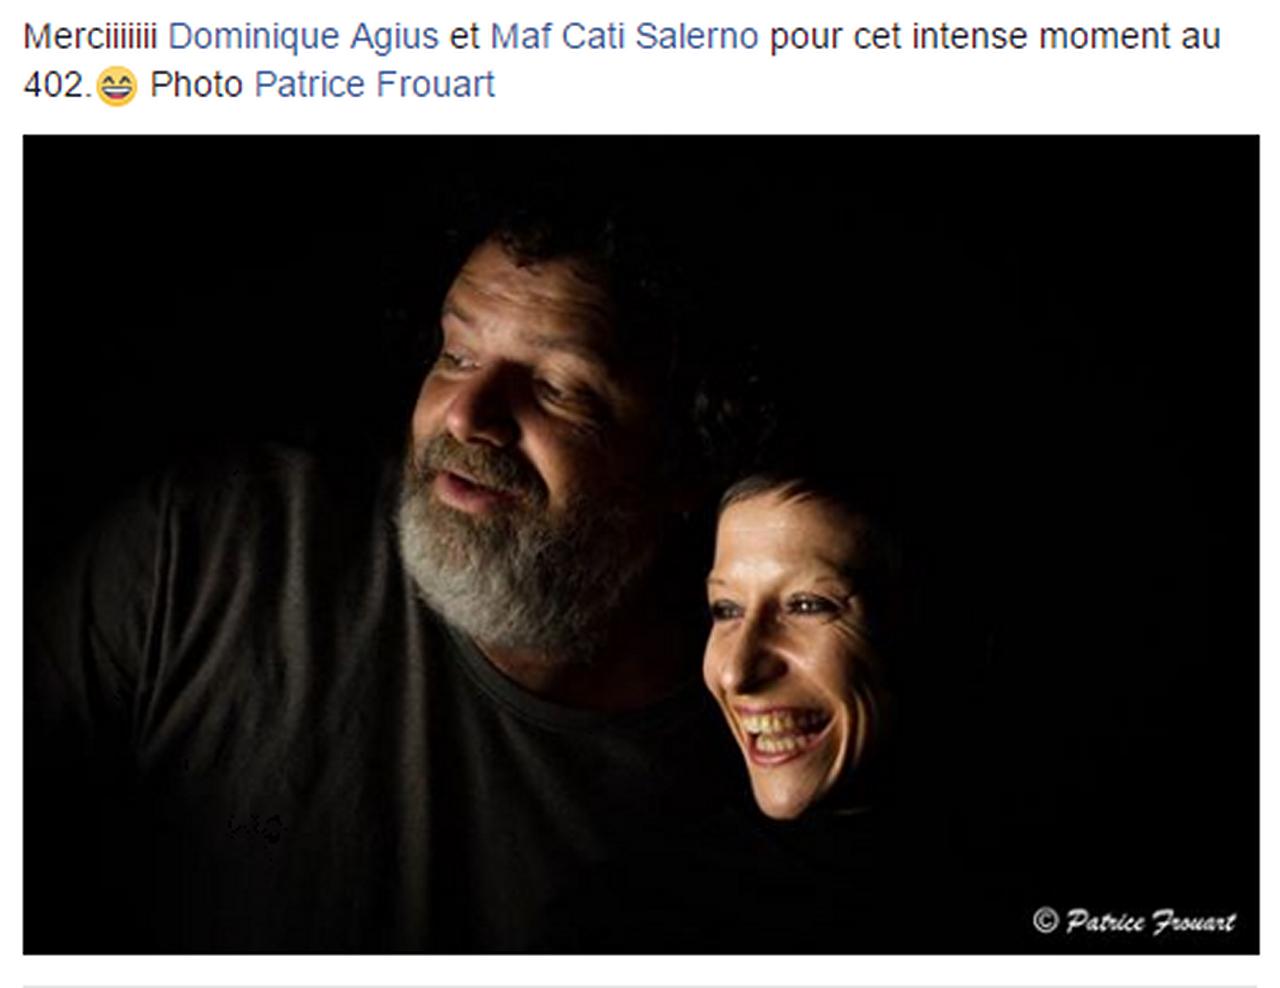 Marie-Pierre Genovese et Narcisse autres commentaires